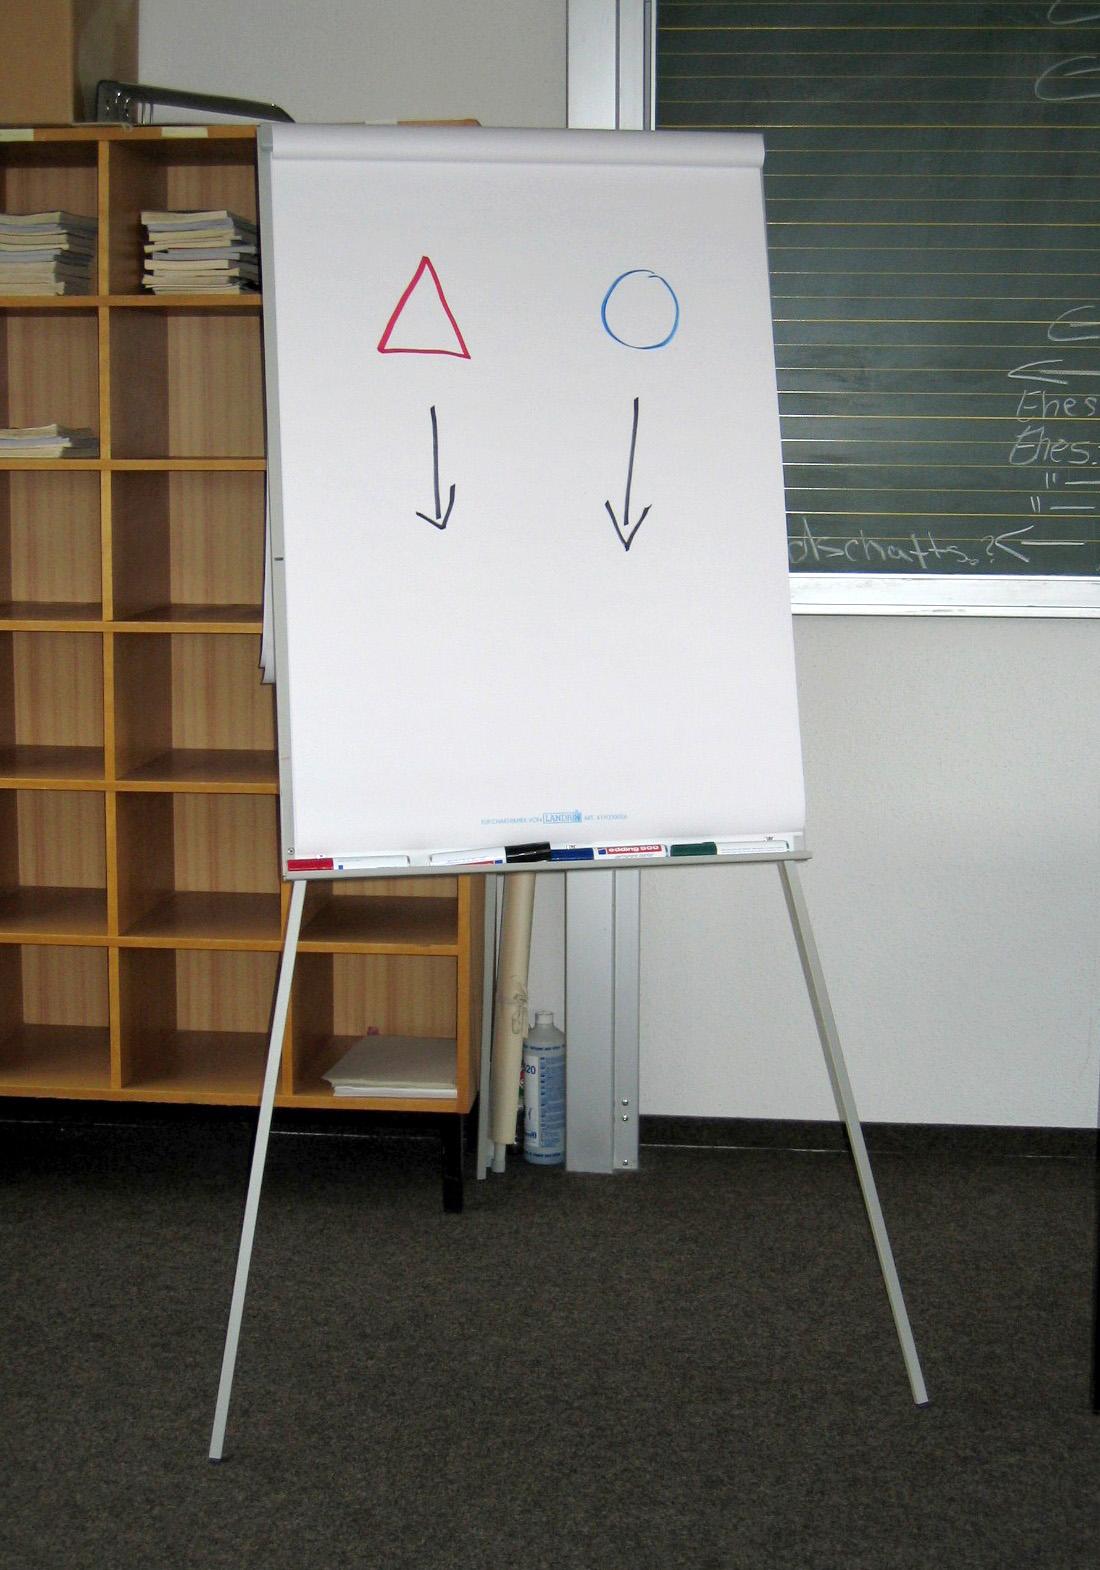 persewaan papan tulis kertas, rental flipchart